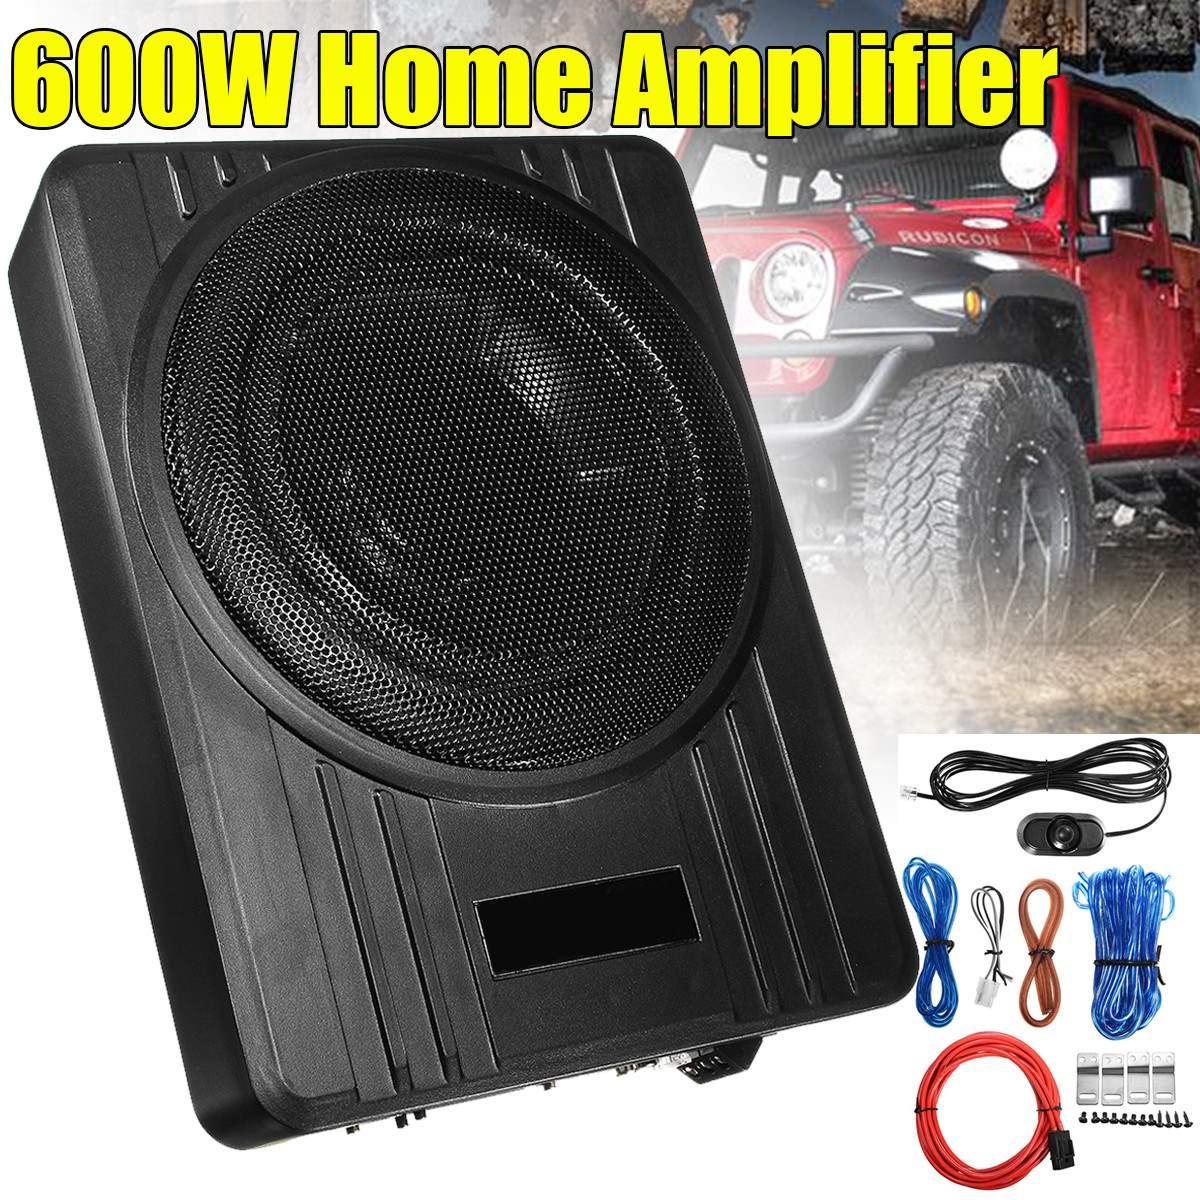 Amplificateur de Subwoofer de voiture sous siège universel 10 pouces 600 W amplificateur de haut-parleur de voiture Super basse